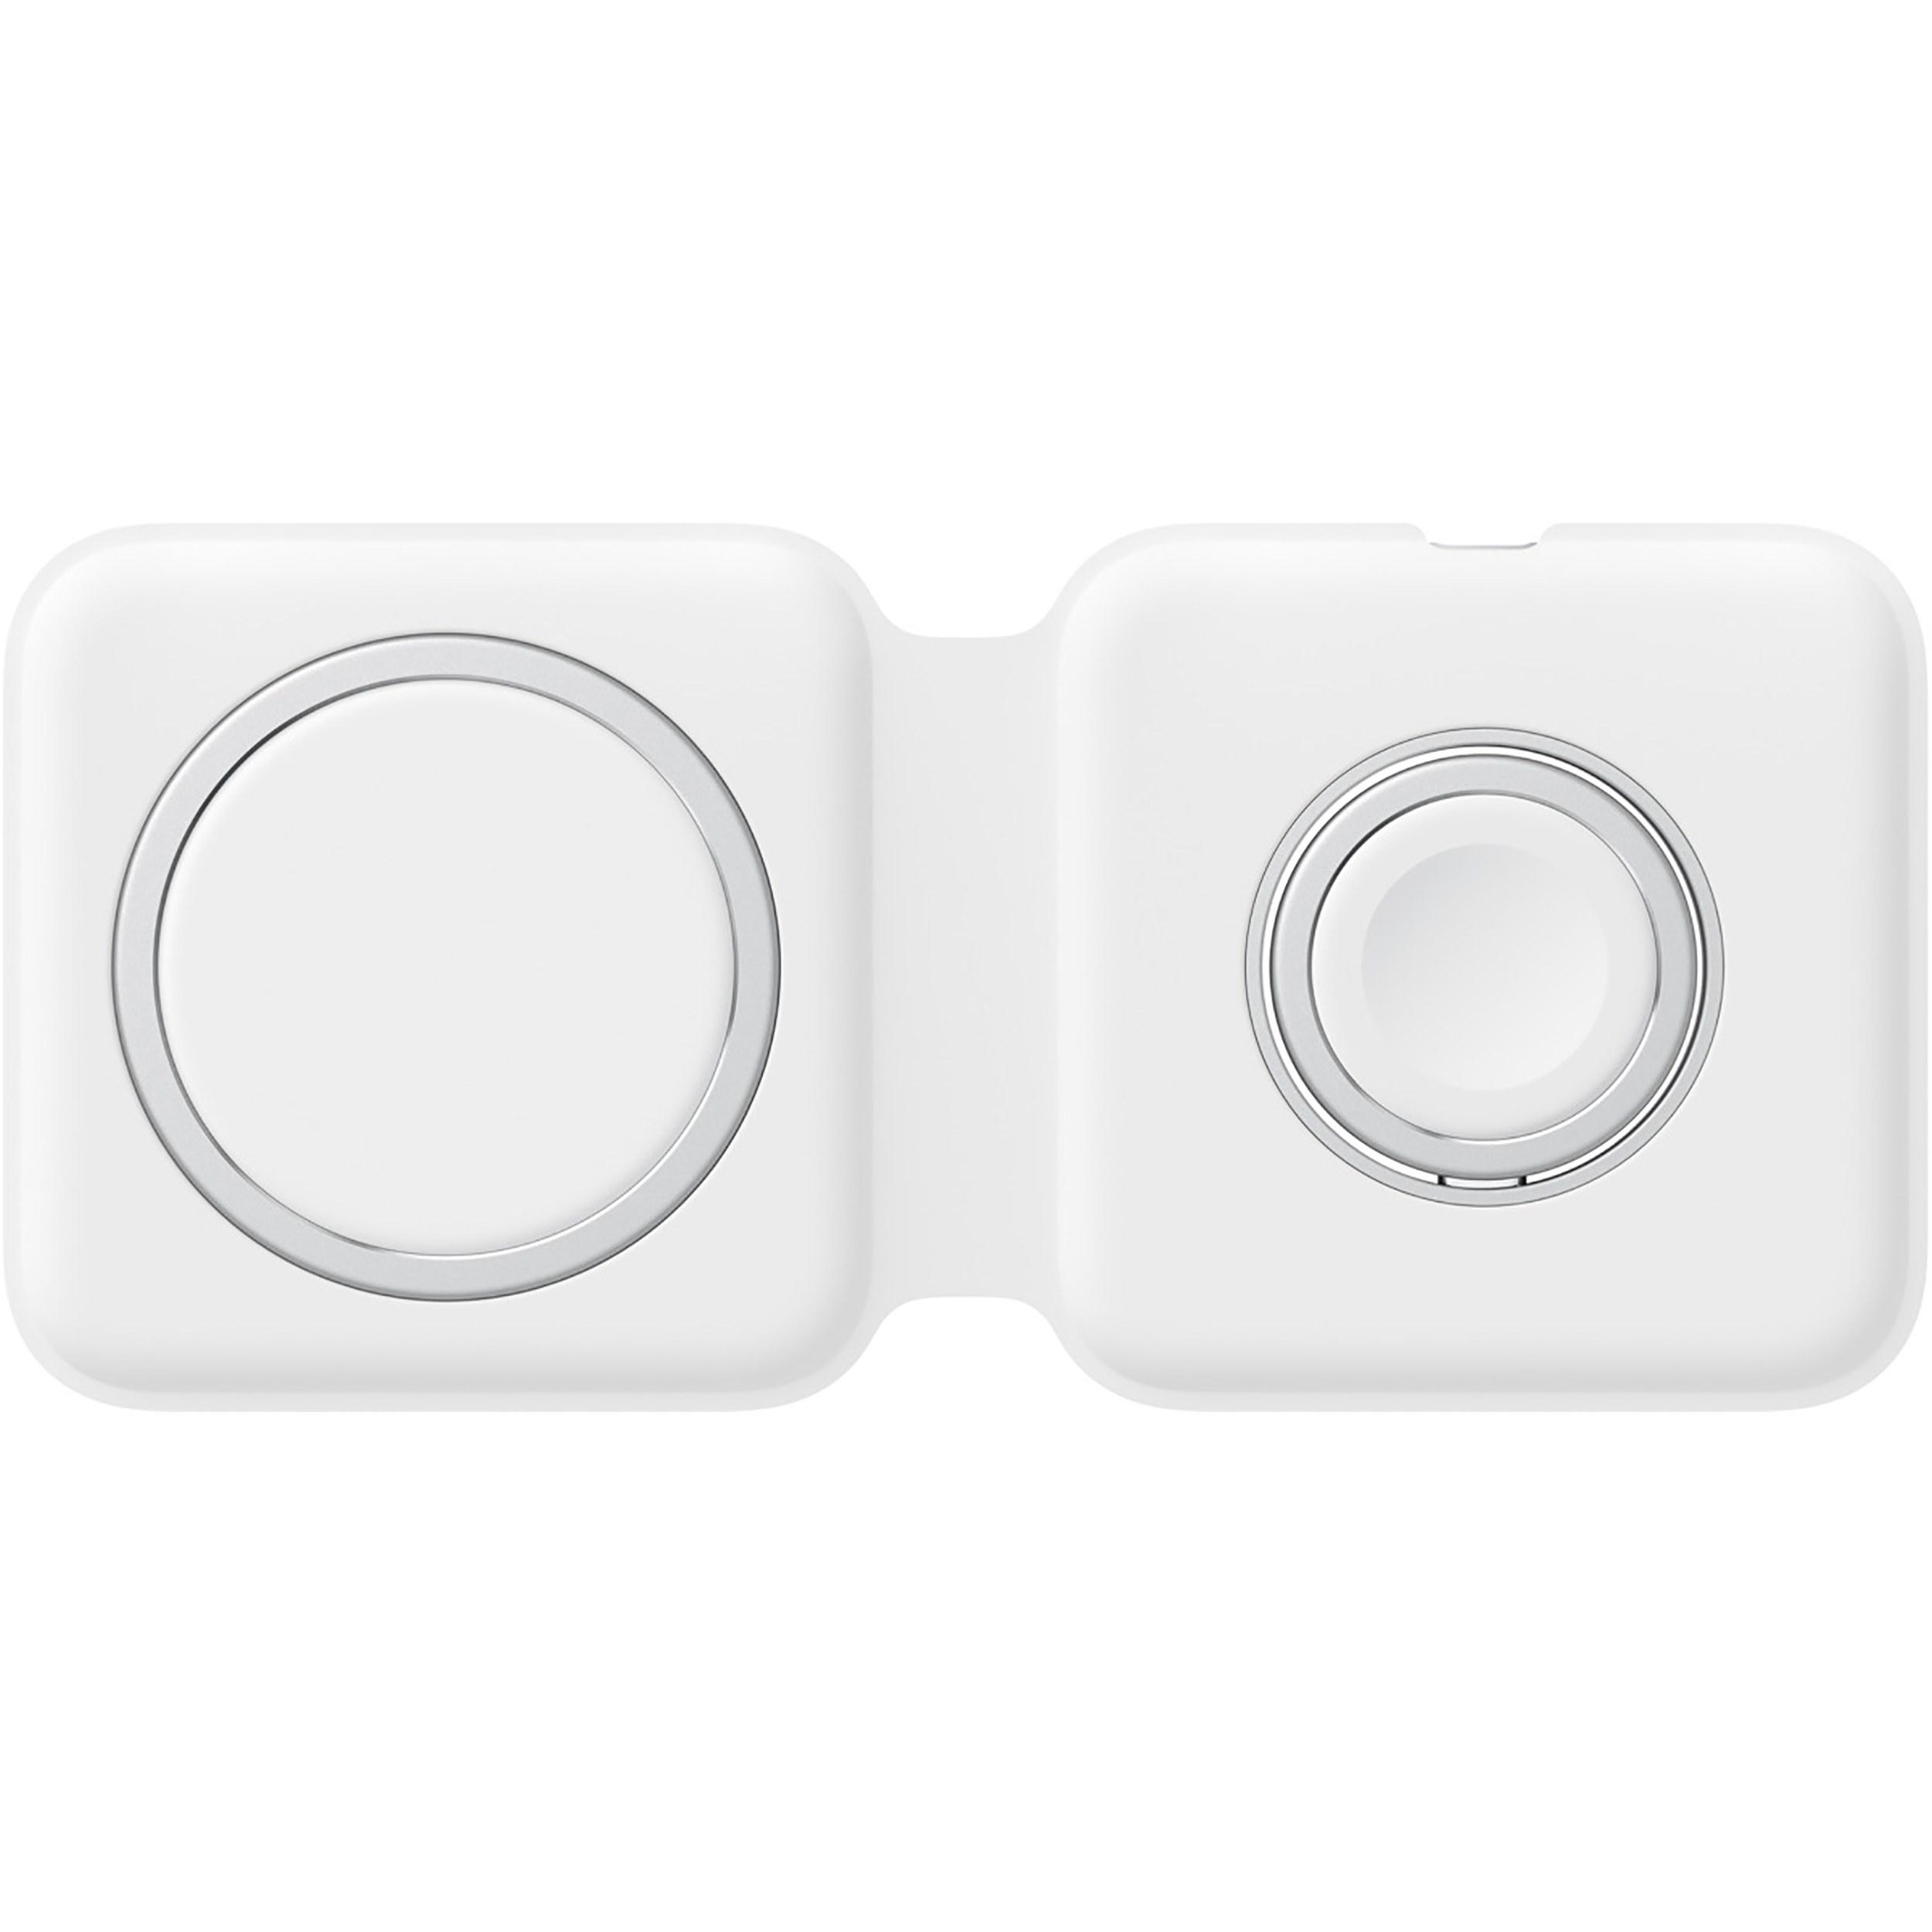 تصویر شارژر بی سیم اپل مدل MagSafe Duo